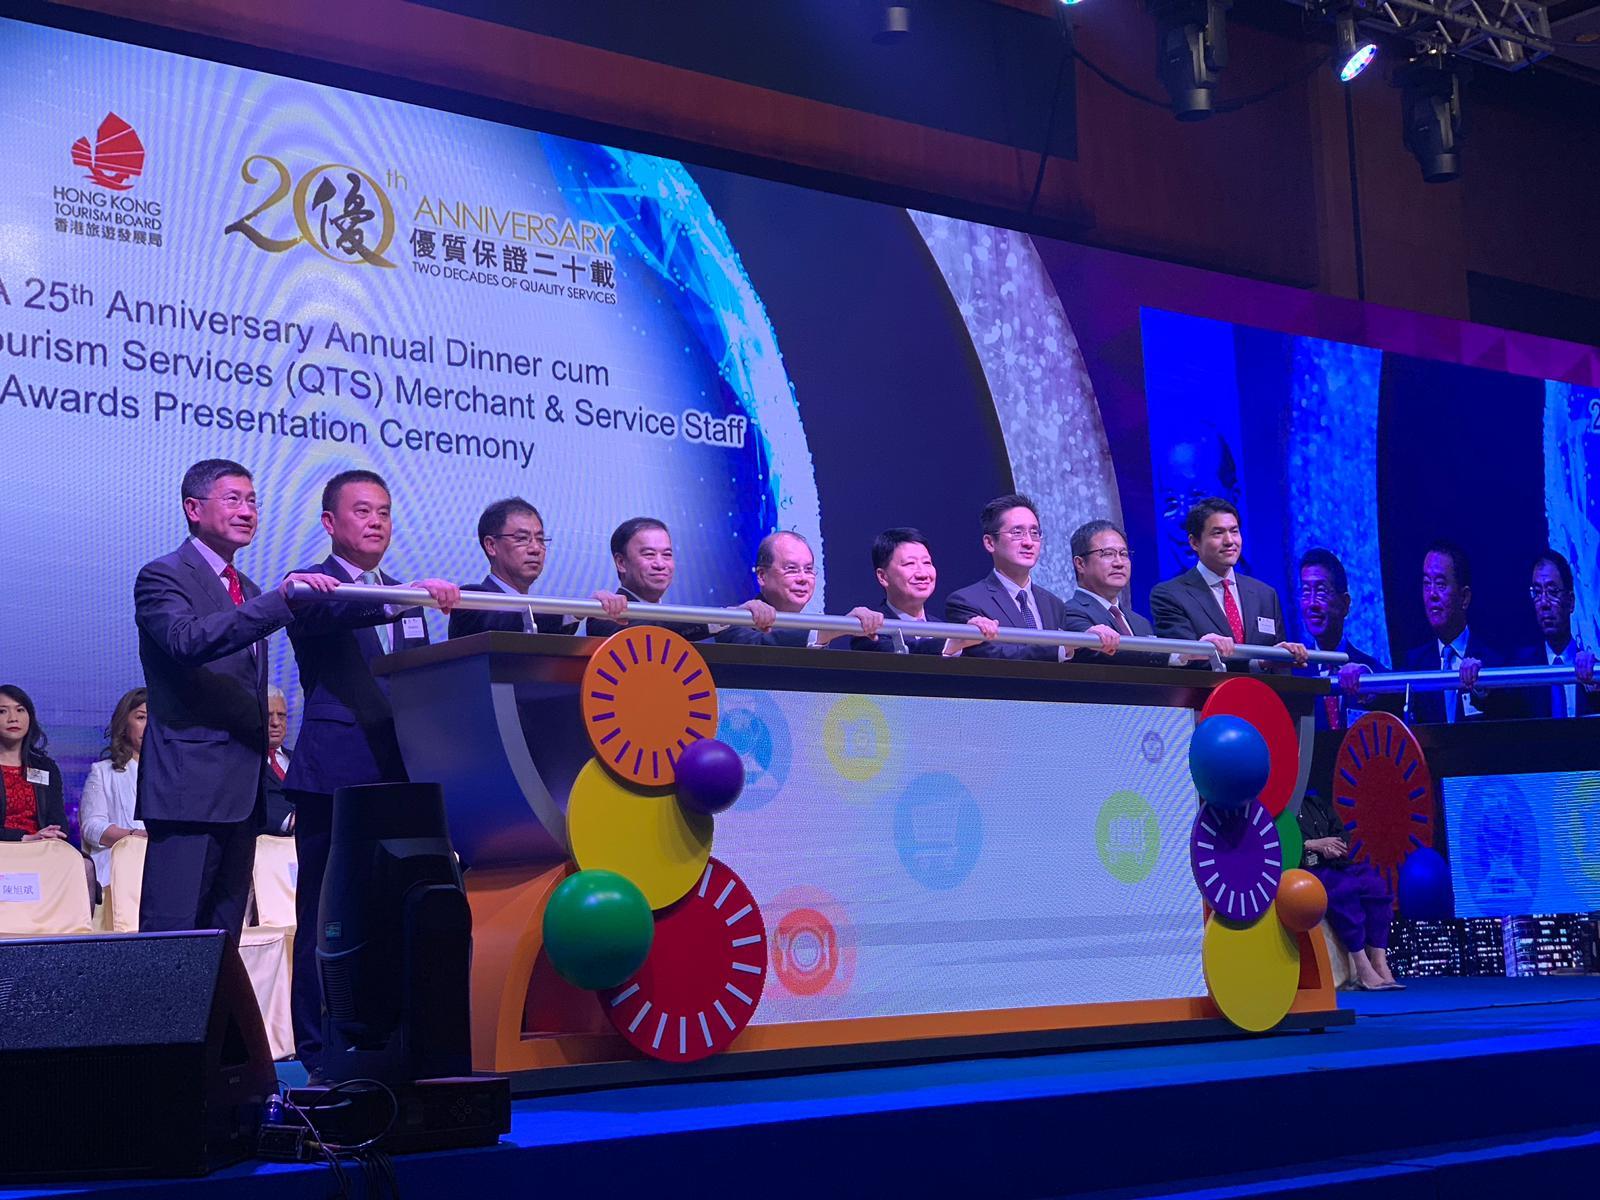 優質旅遊服務協會25周年晚宴暨2019優質商戶及員工服務獎項頒獎典禮